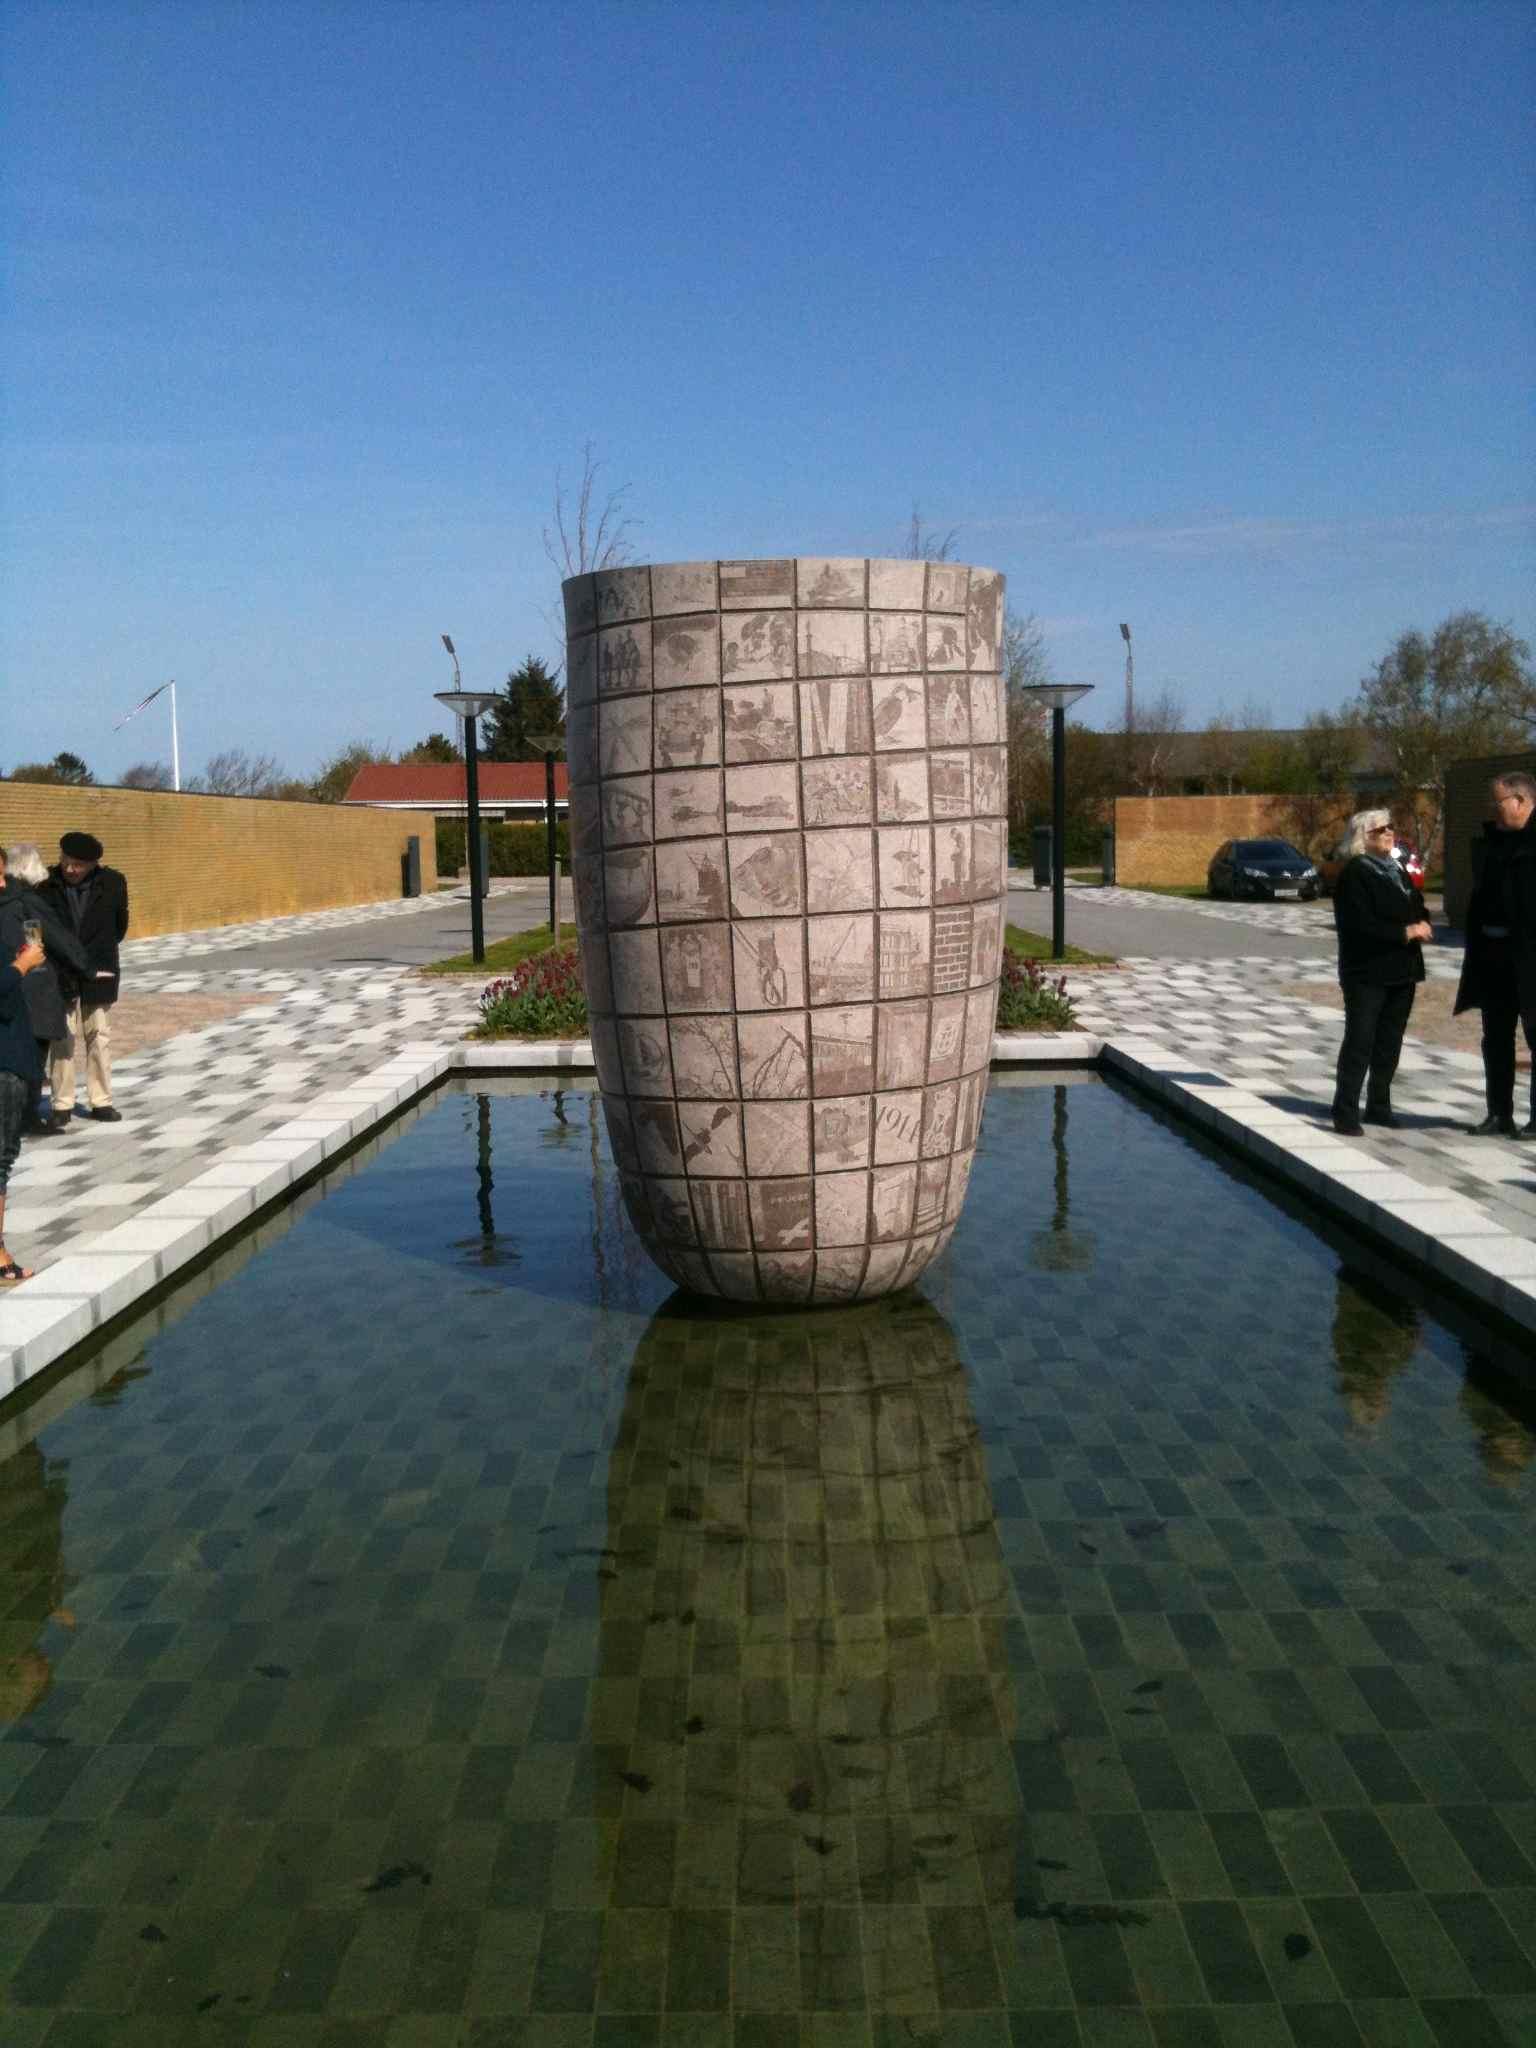 Bemærk hvordan skulpturen både spejles og fordobler bassinbundens mønster. Fra indvielsen af Laila Westergaards 'Granat' på Hjørring Kaserne, april 2014